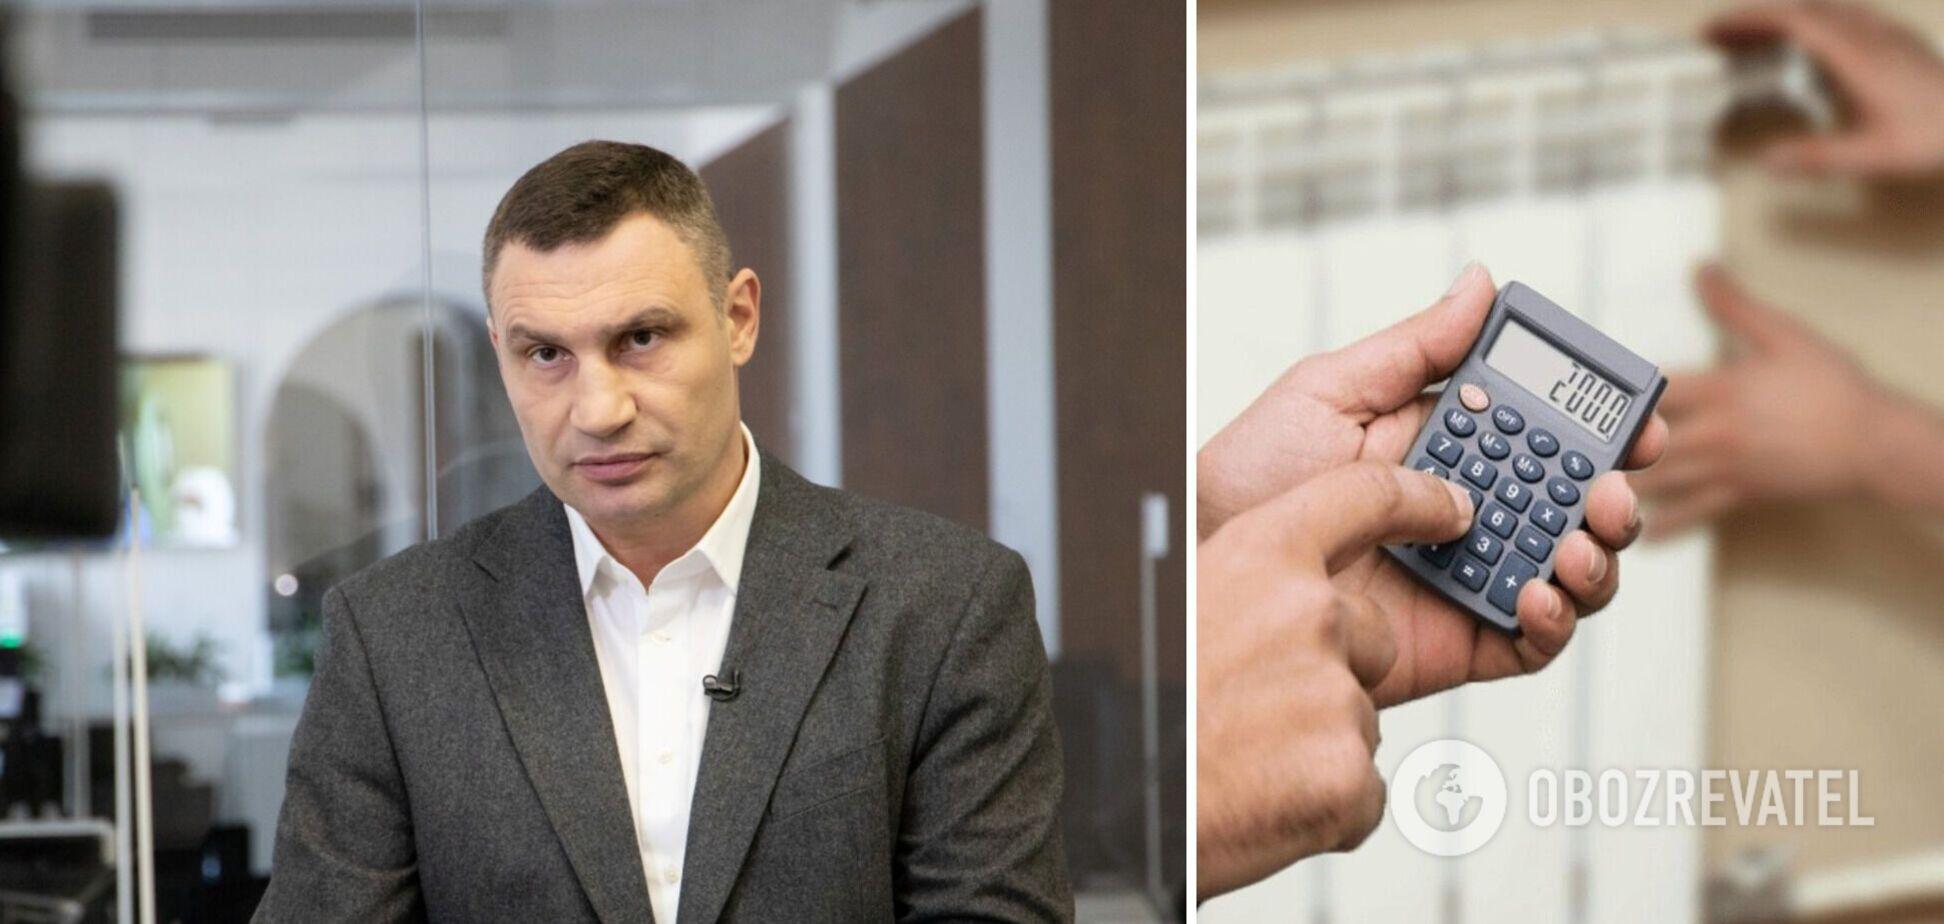 Столичные власти сделали все, чтобы тарифы для киевлян не поднимались, – Кличко